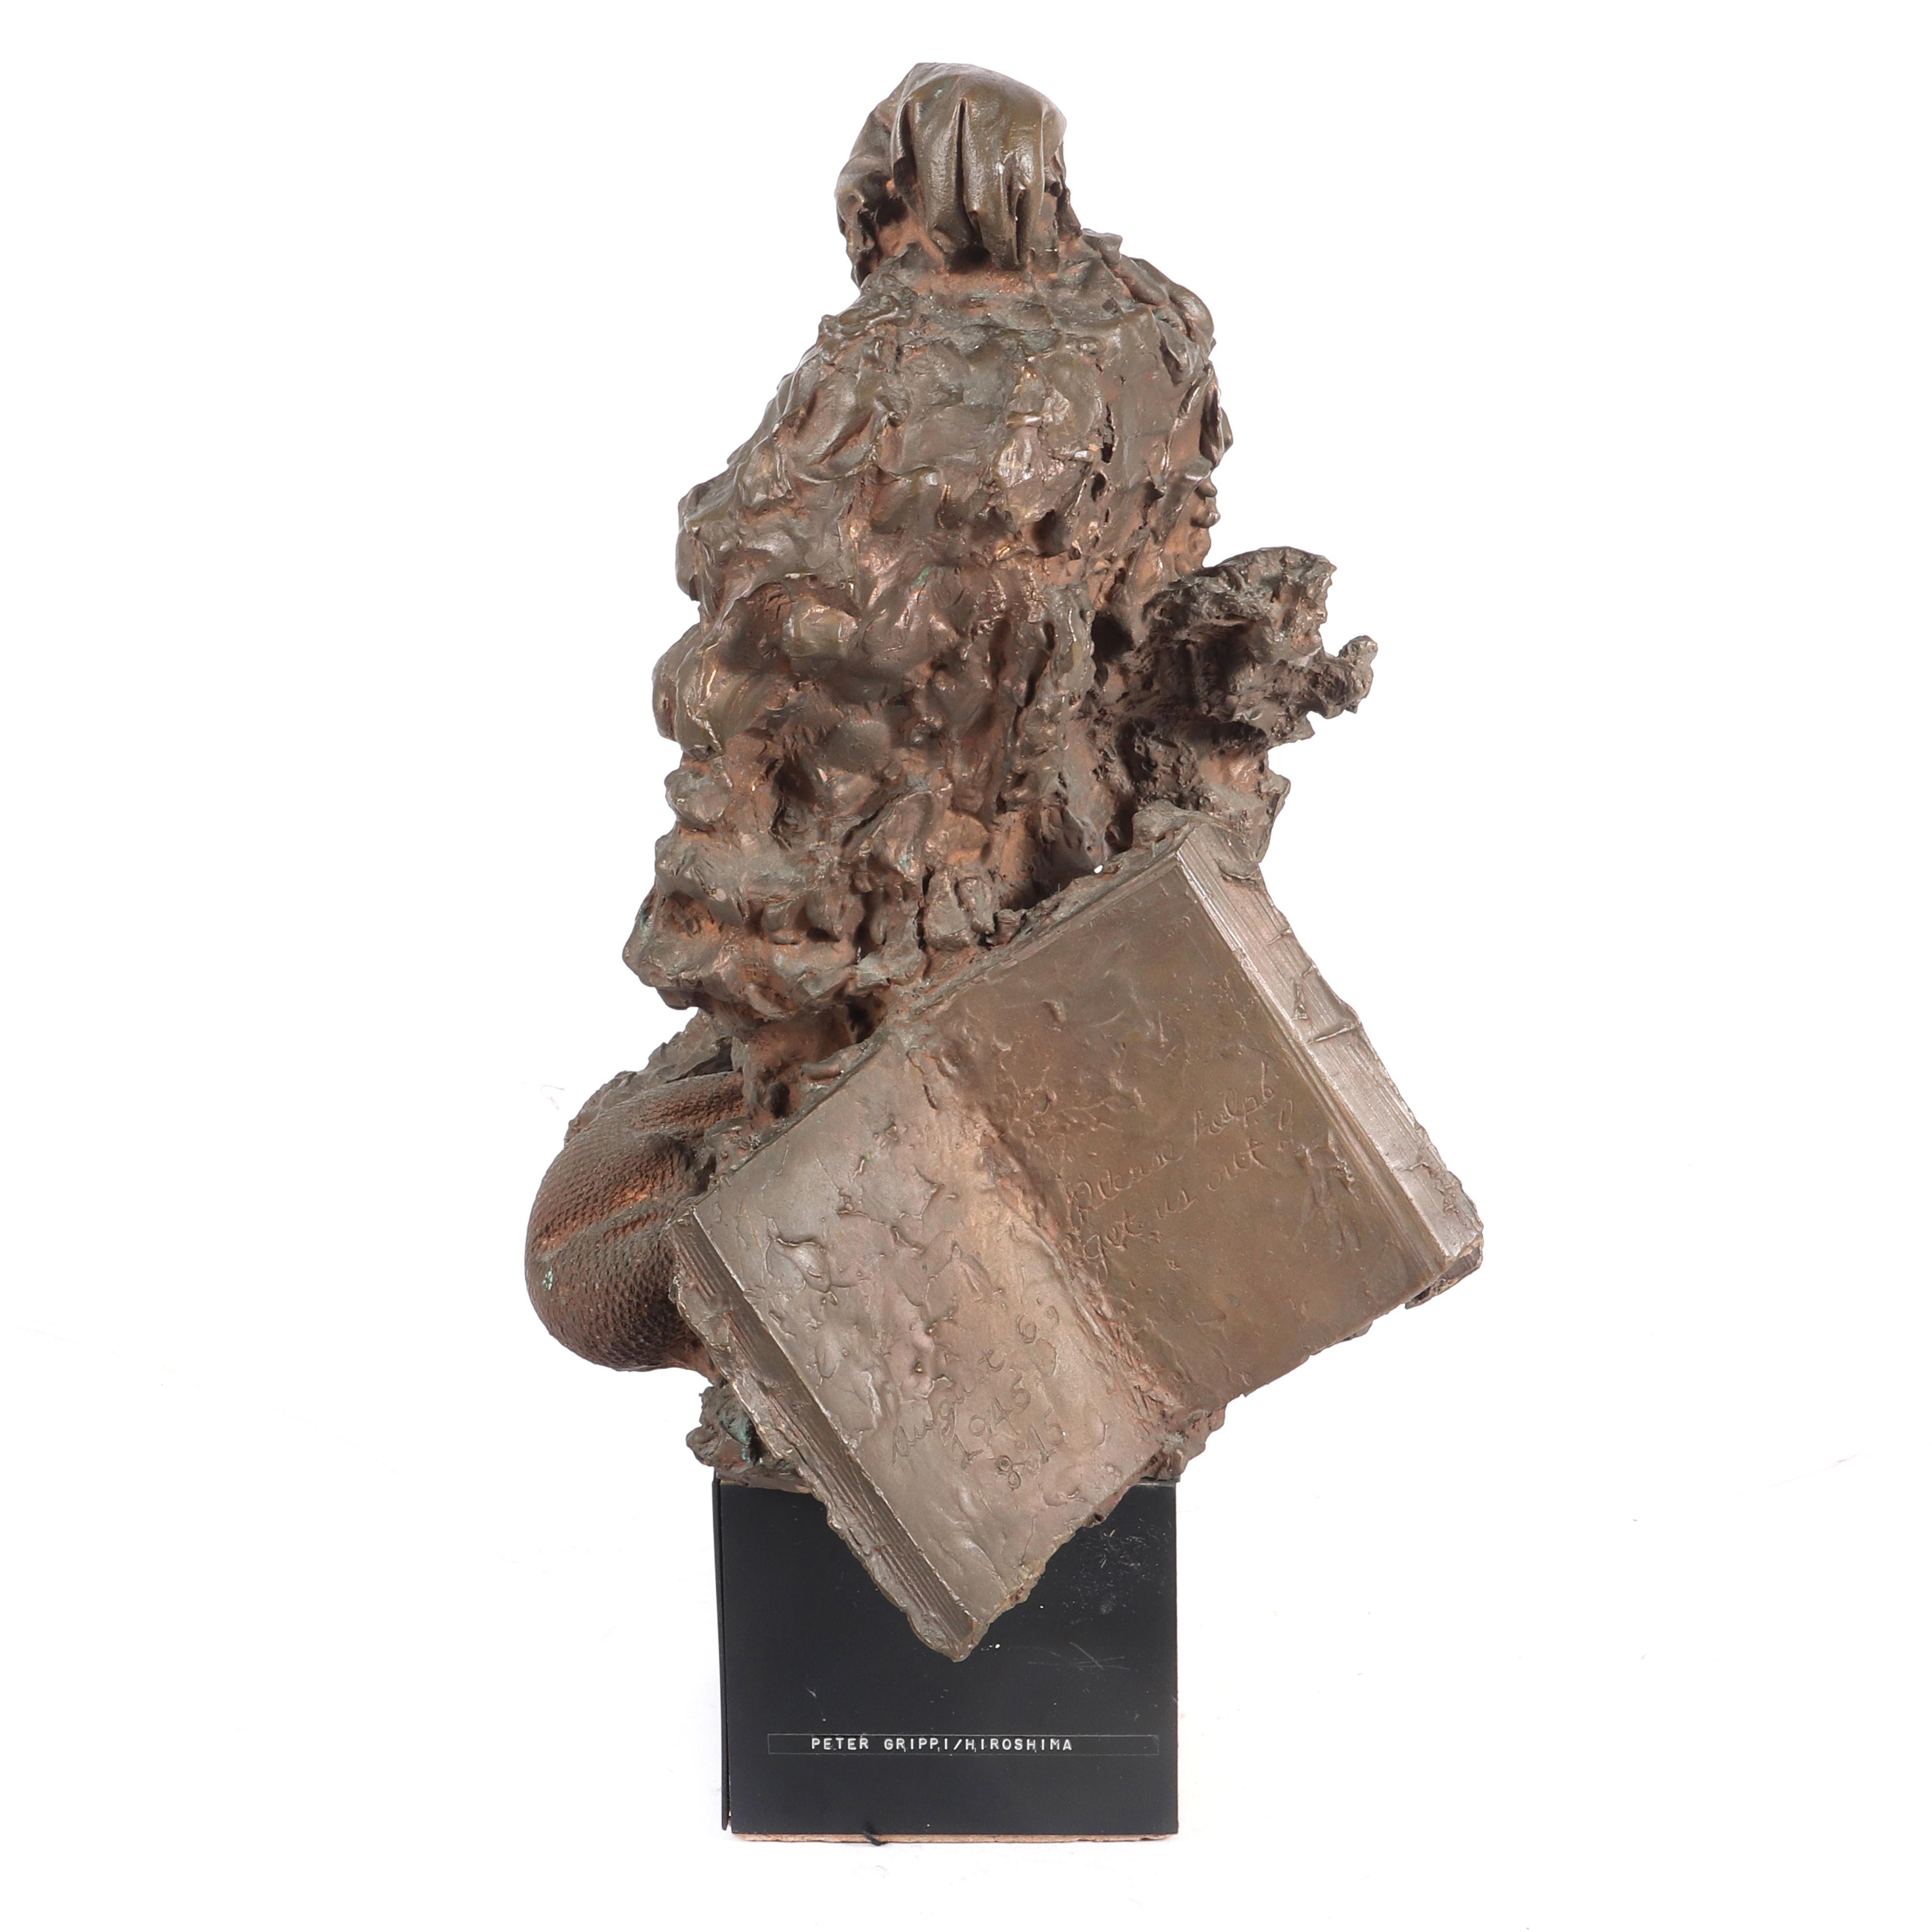 """Peter J. Grippe, (American, 1912-2002), Hiroshima, 1966, cast bronze bust, 22""""H x 11""""W"""